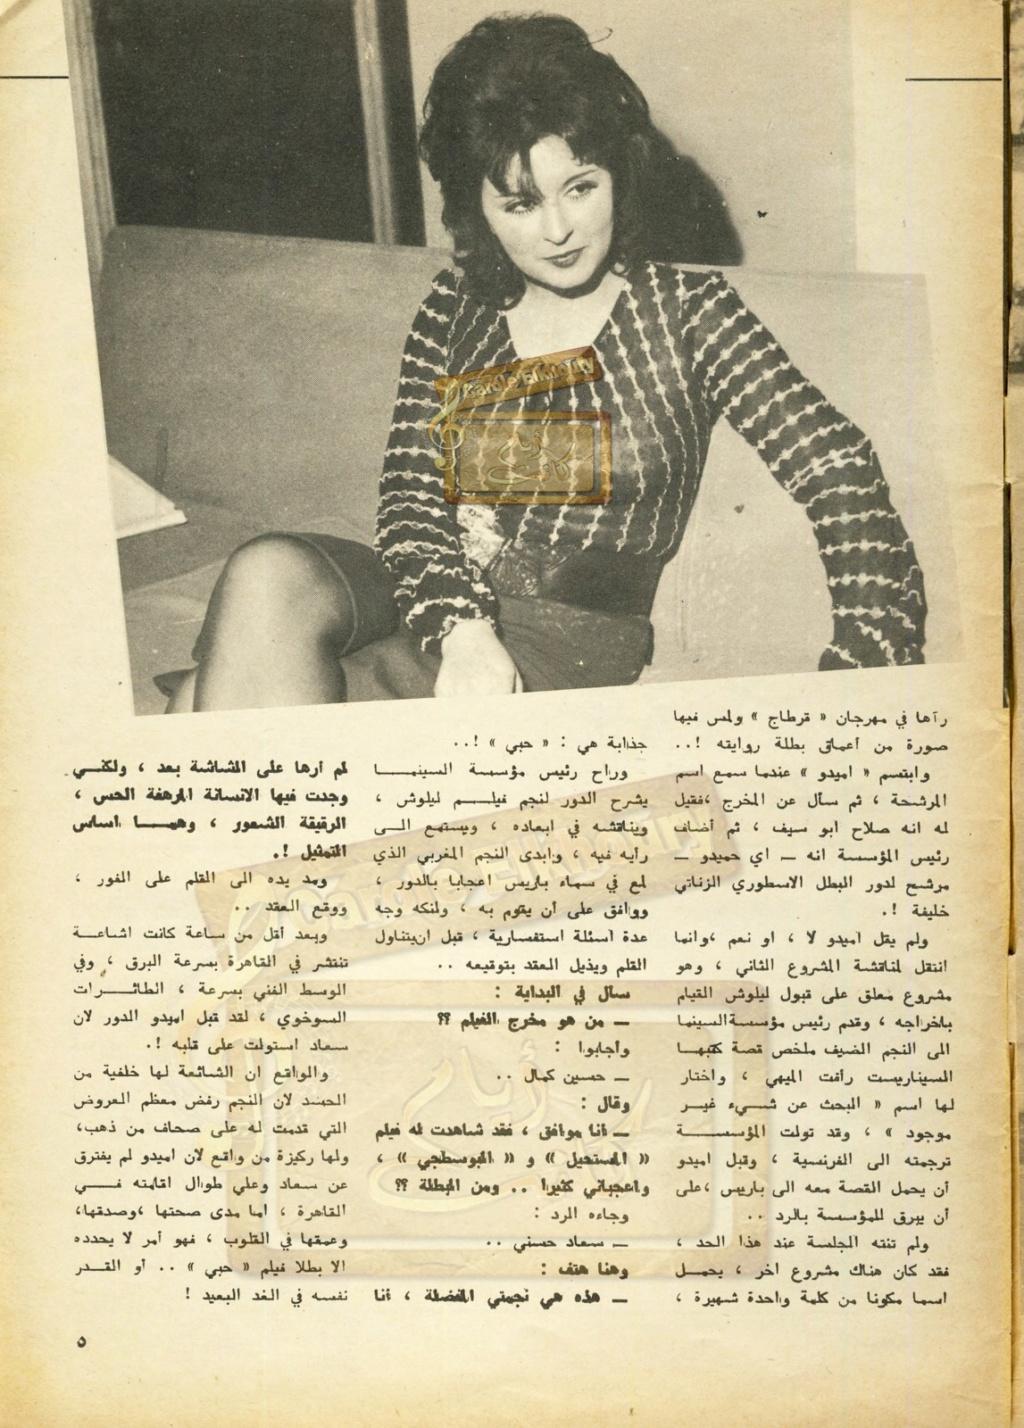 مقال صحفي : سعاد حسني .. هل إستولت على قلب حميدو ؟ 1971 م 328